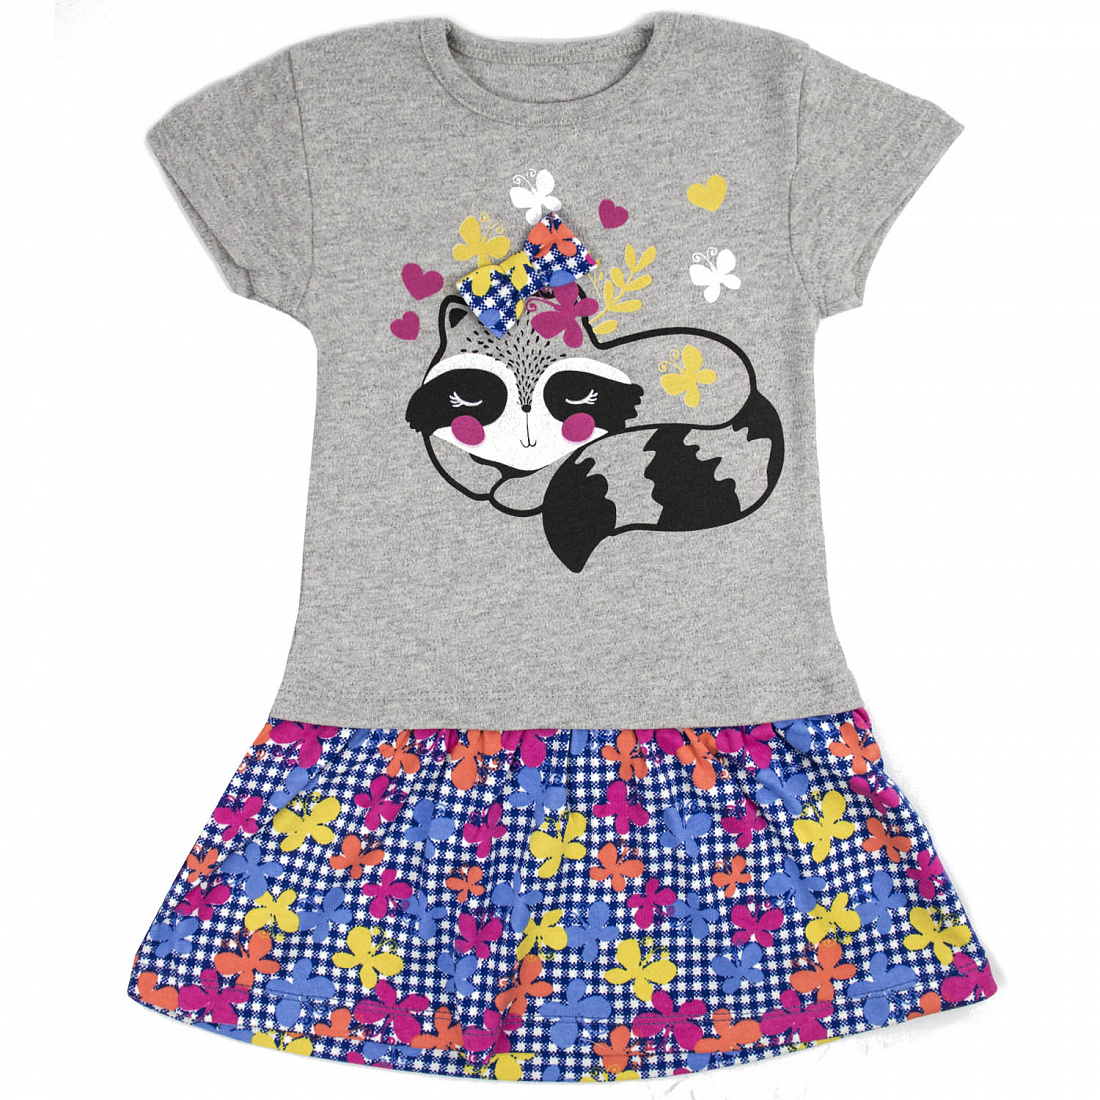 Купить 612и ап, Платье детское Юлла, цв. разноцветный р. 110, Платья для девочек